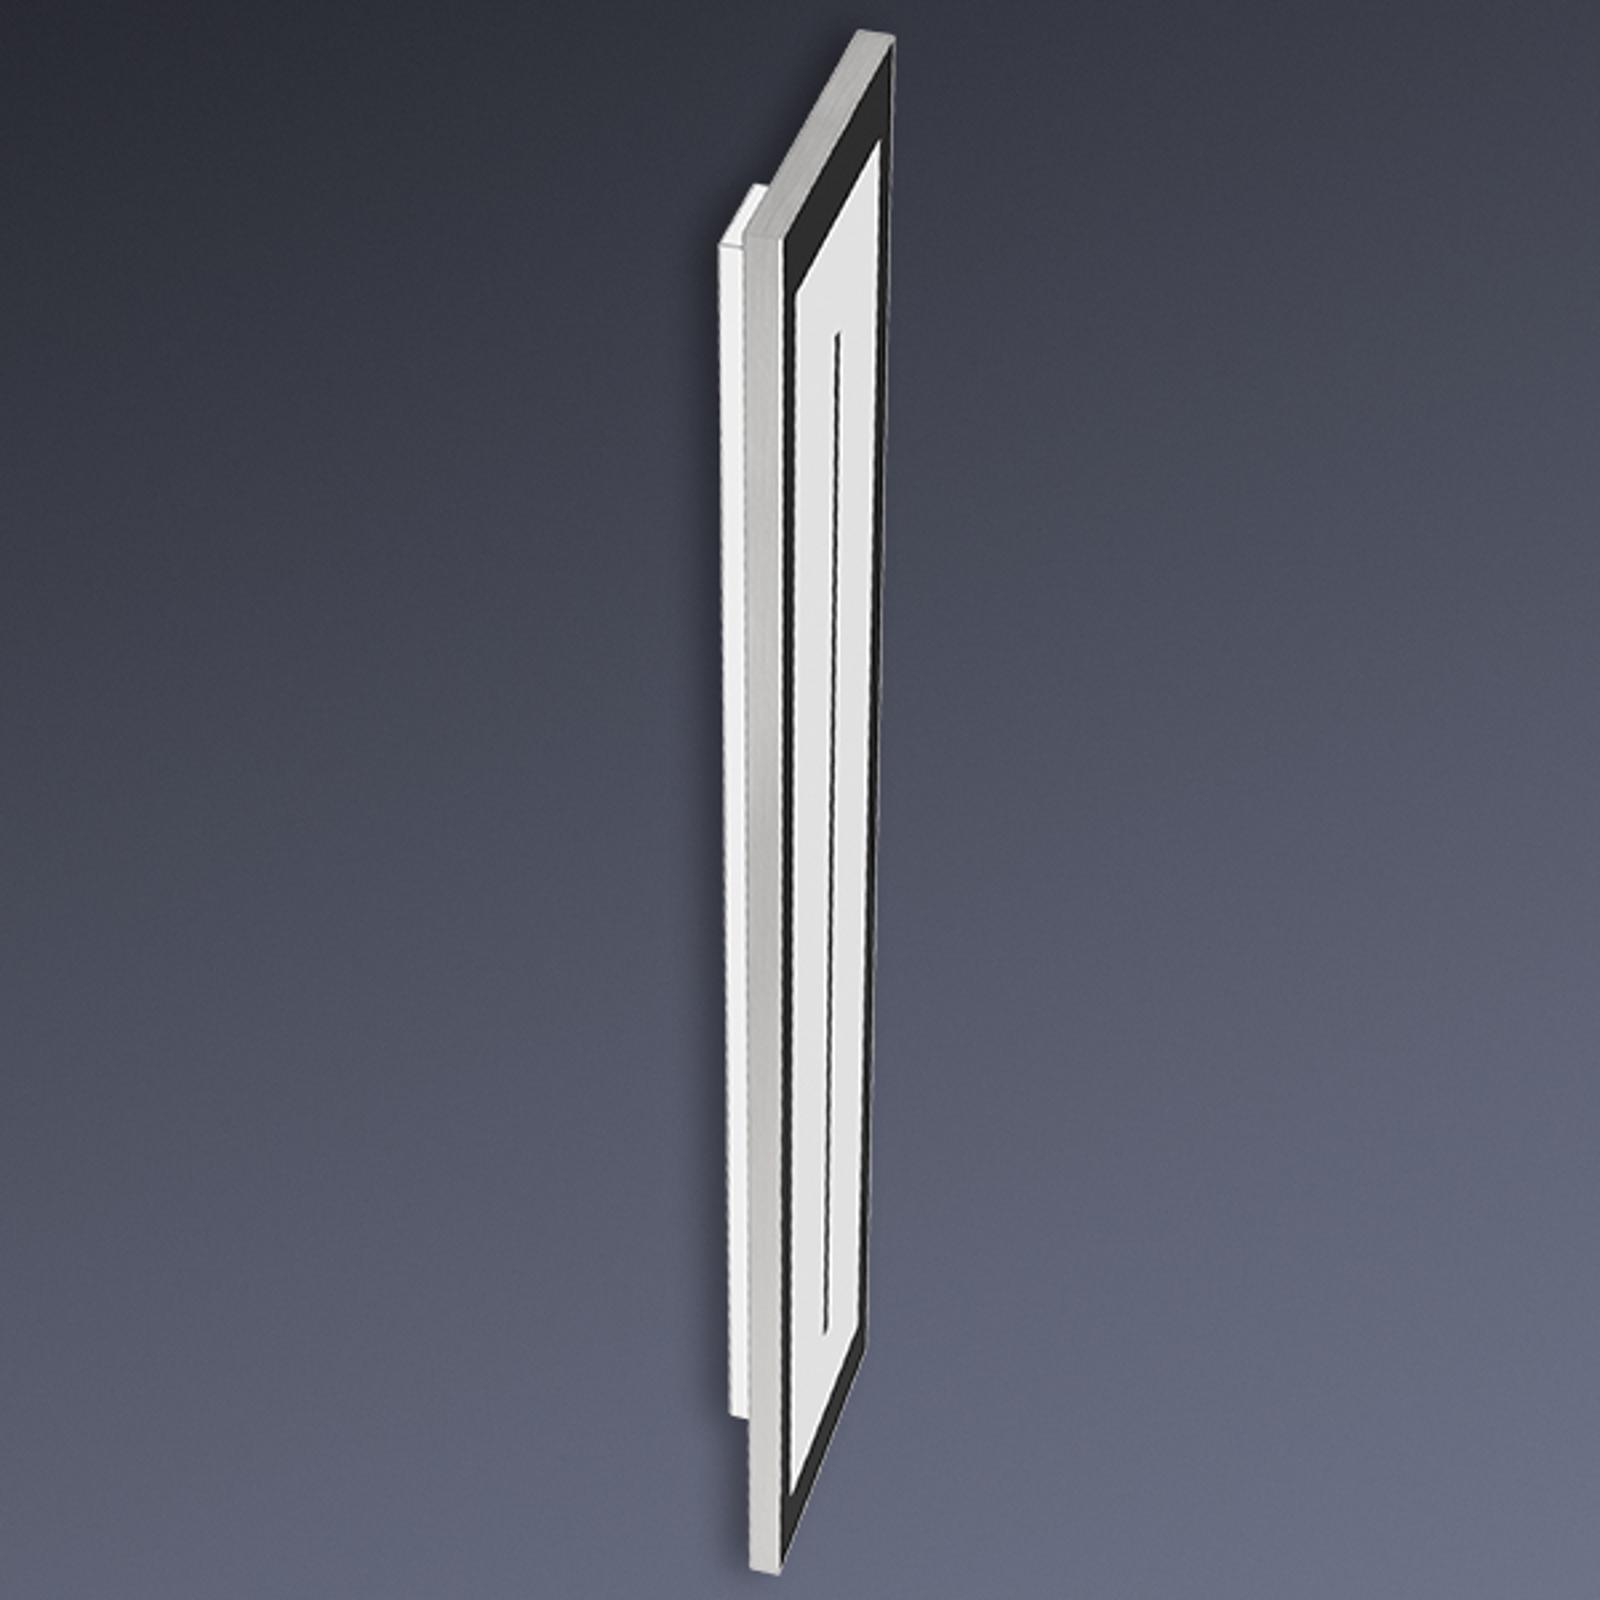 60 cm hoch - LED-Wandleuchte Zen